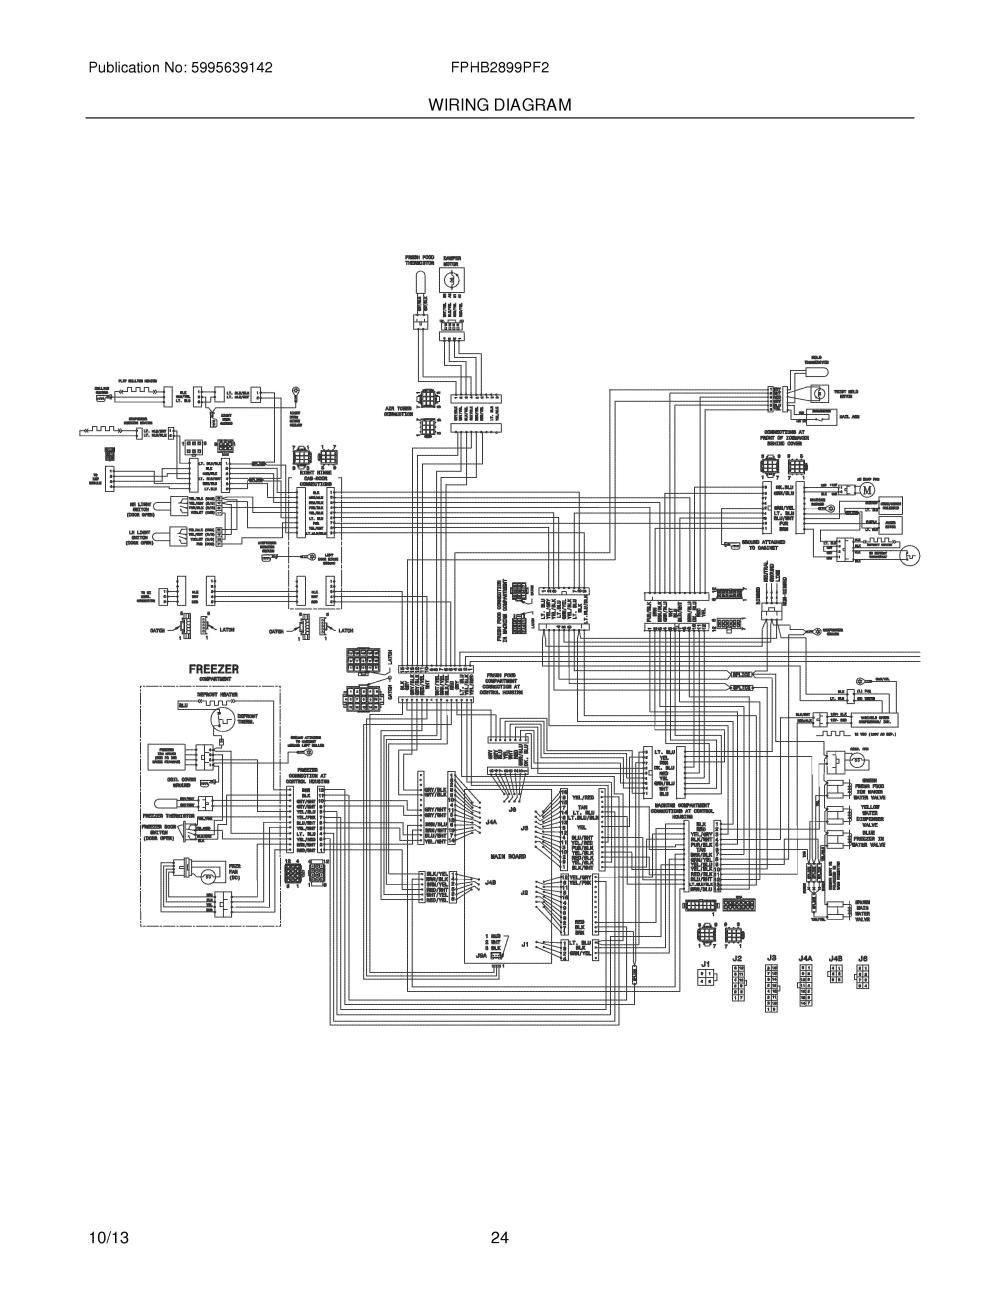 medium resolution of pin trailer connector wiring diagram images pin trailer wiring hose diagram garbage disposal dishwasher wiring